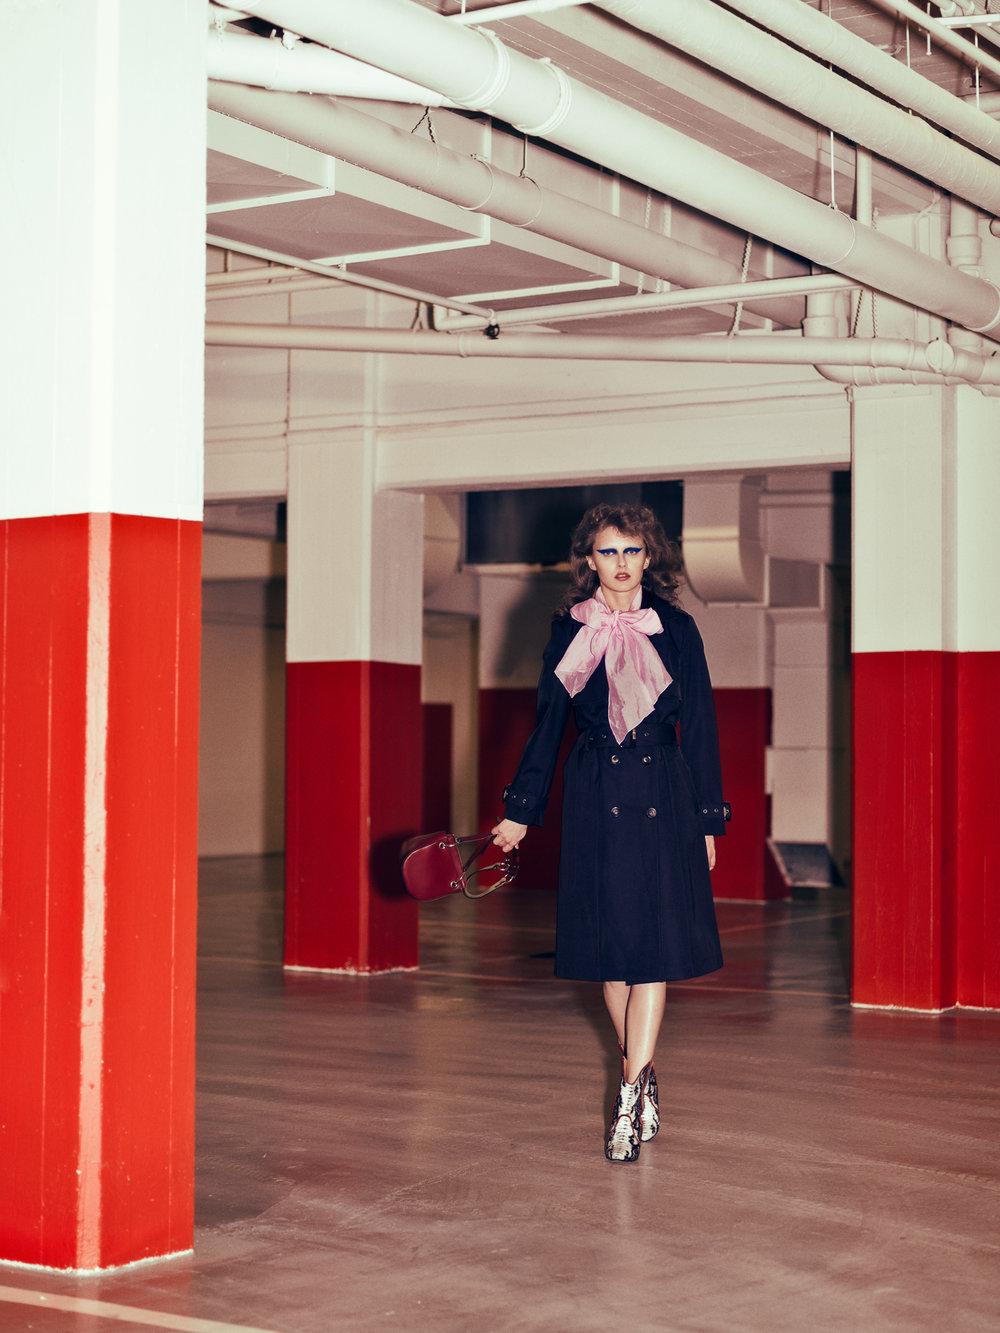 REVS Magazine by photographer Kia Hartelius